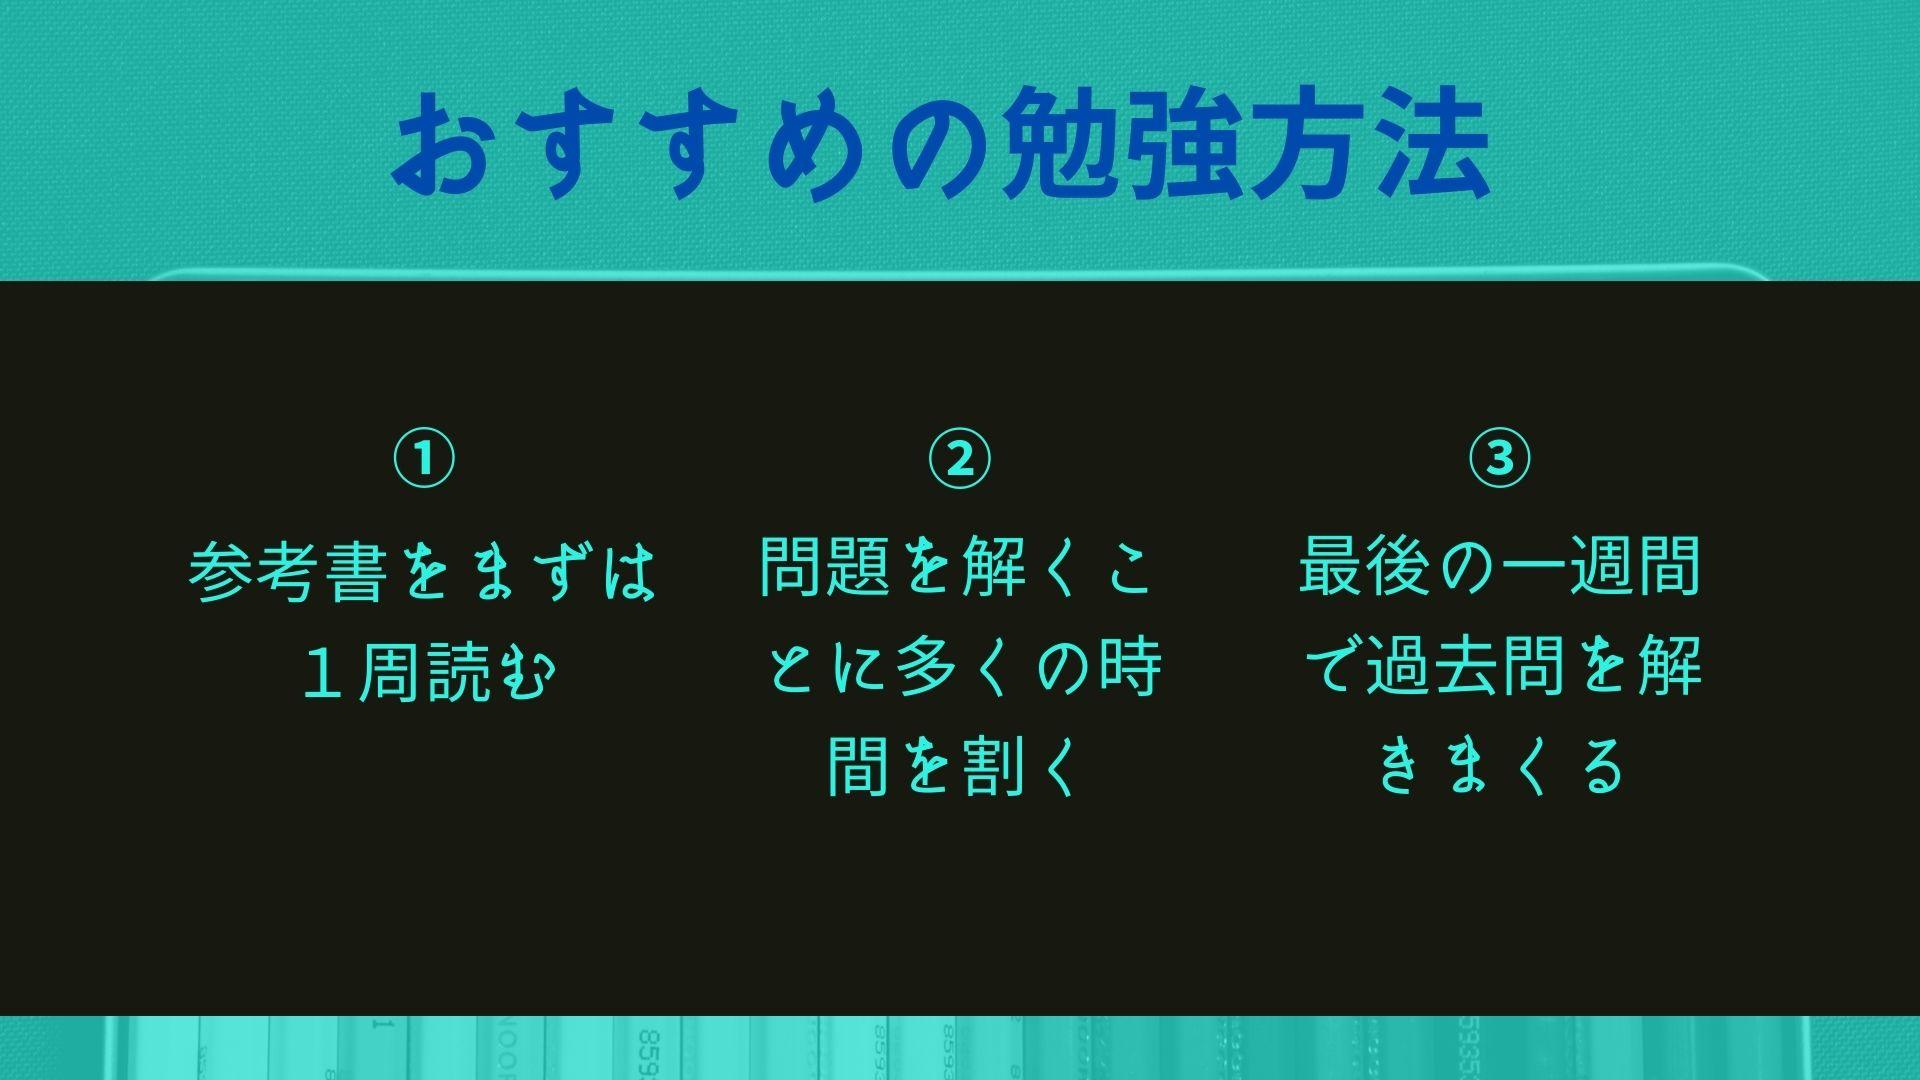 FP3級 勉強方法